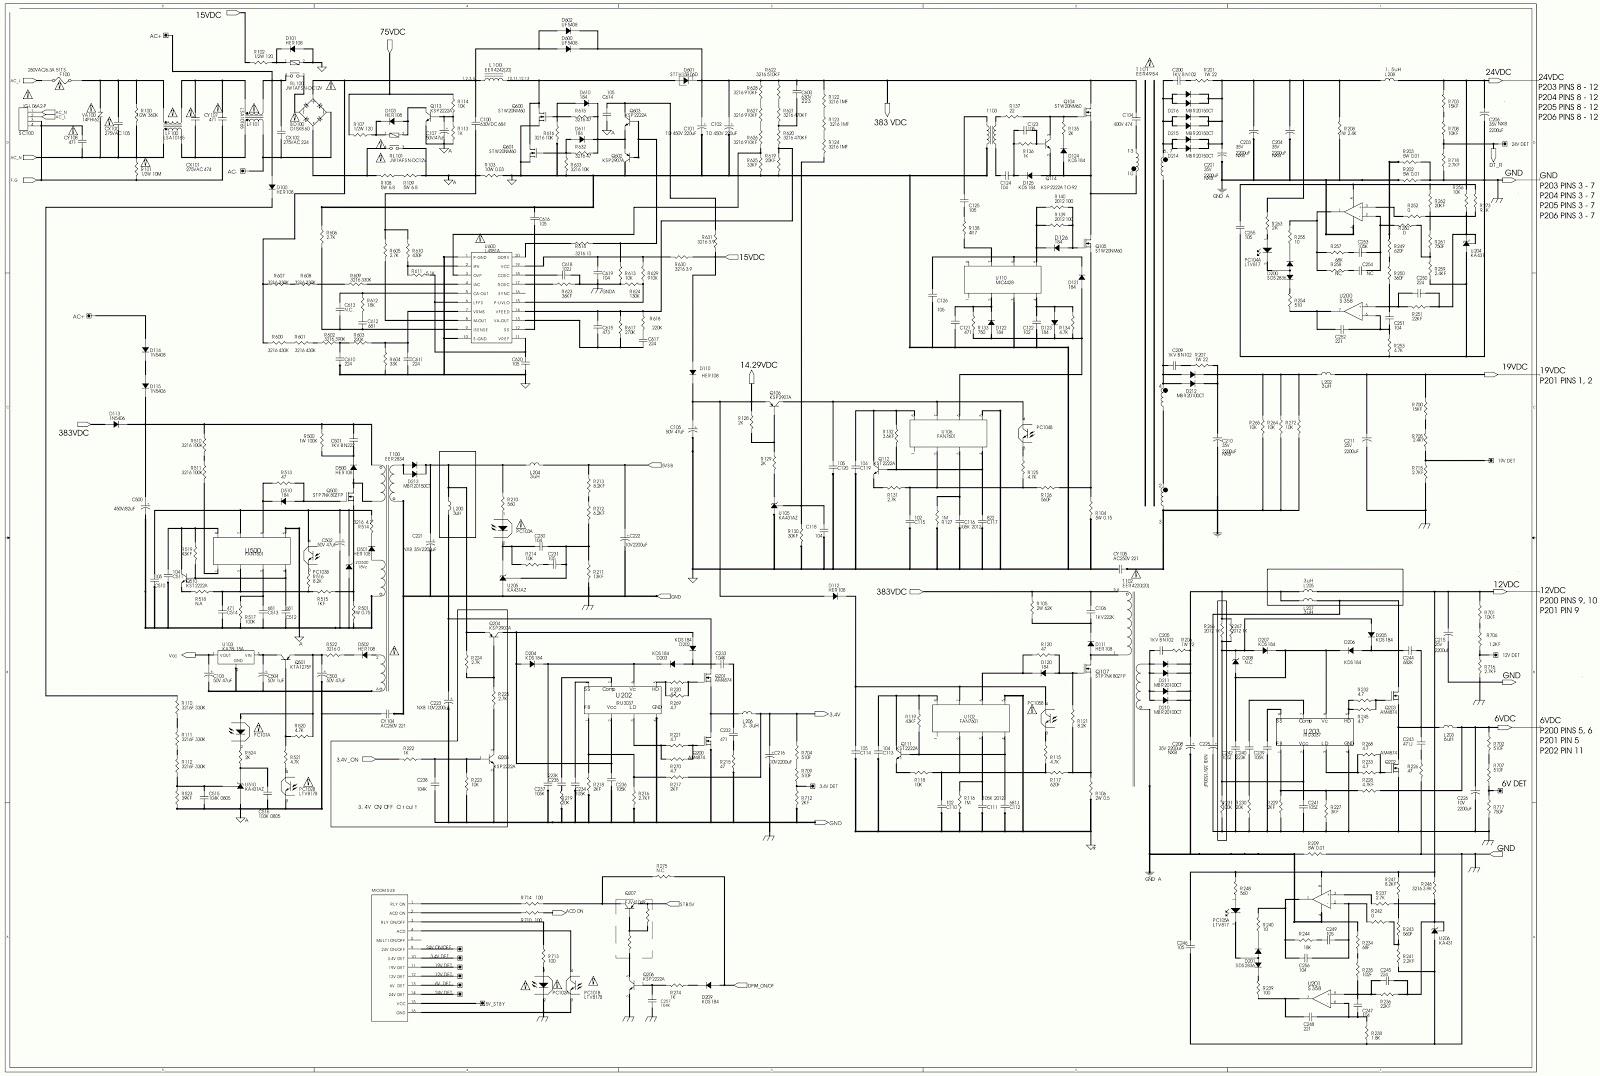 vizio tv wiring diagram wiring diagram ebookvizio tv wiring diagram wiring diagrams lolvizio tv wiring diagram [ 1600 x 1076 Pixel ]